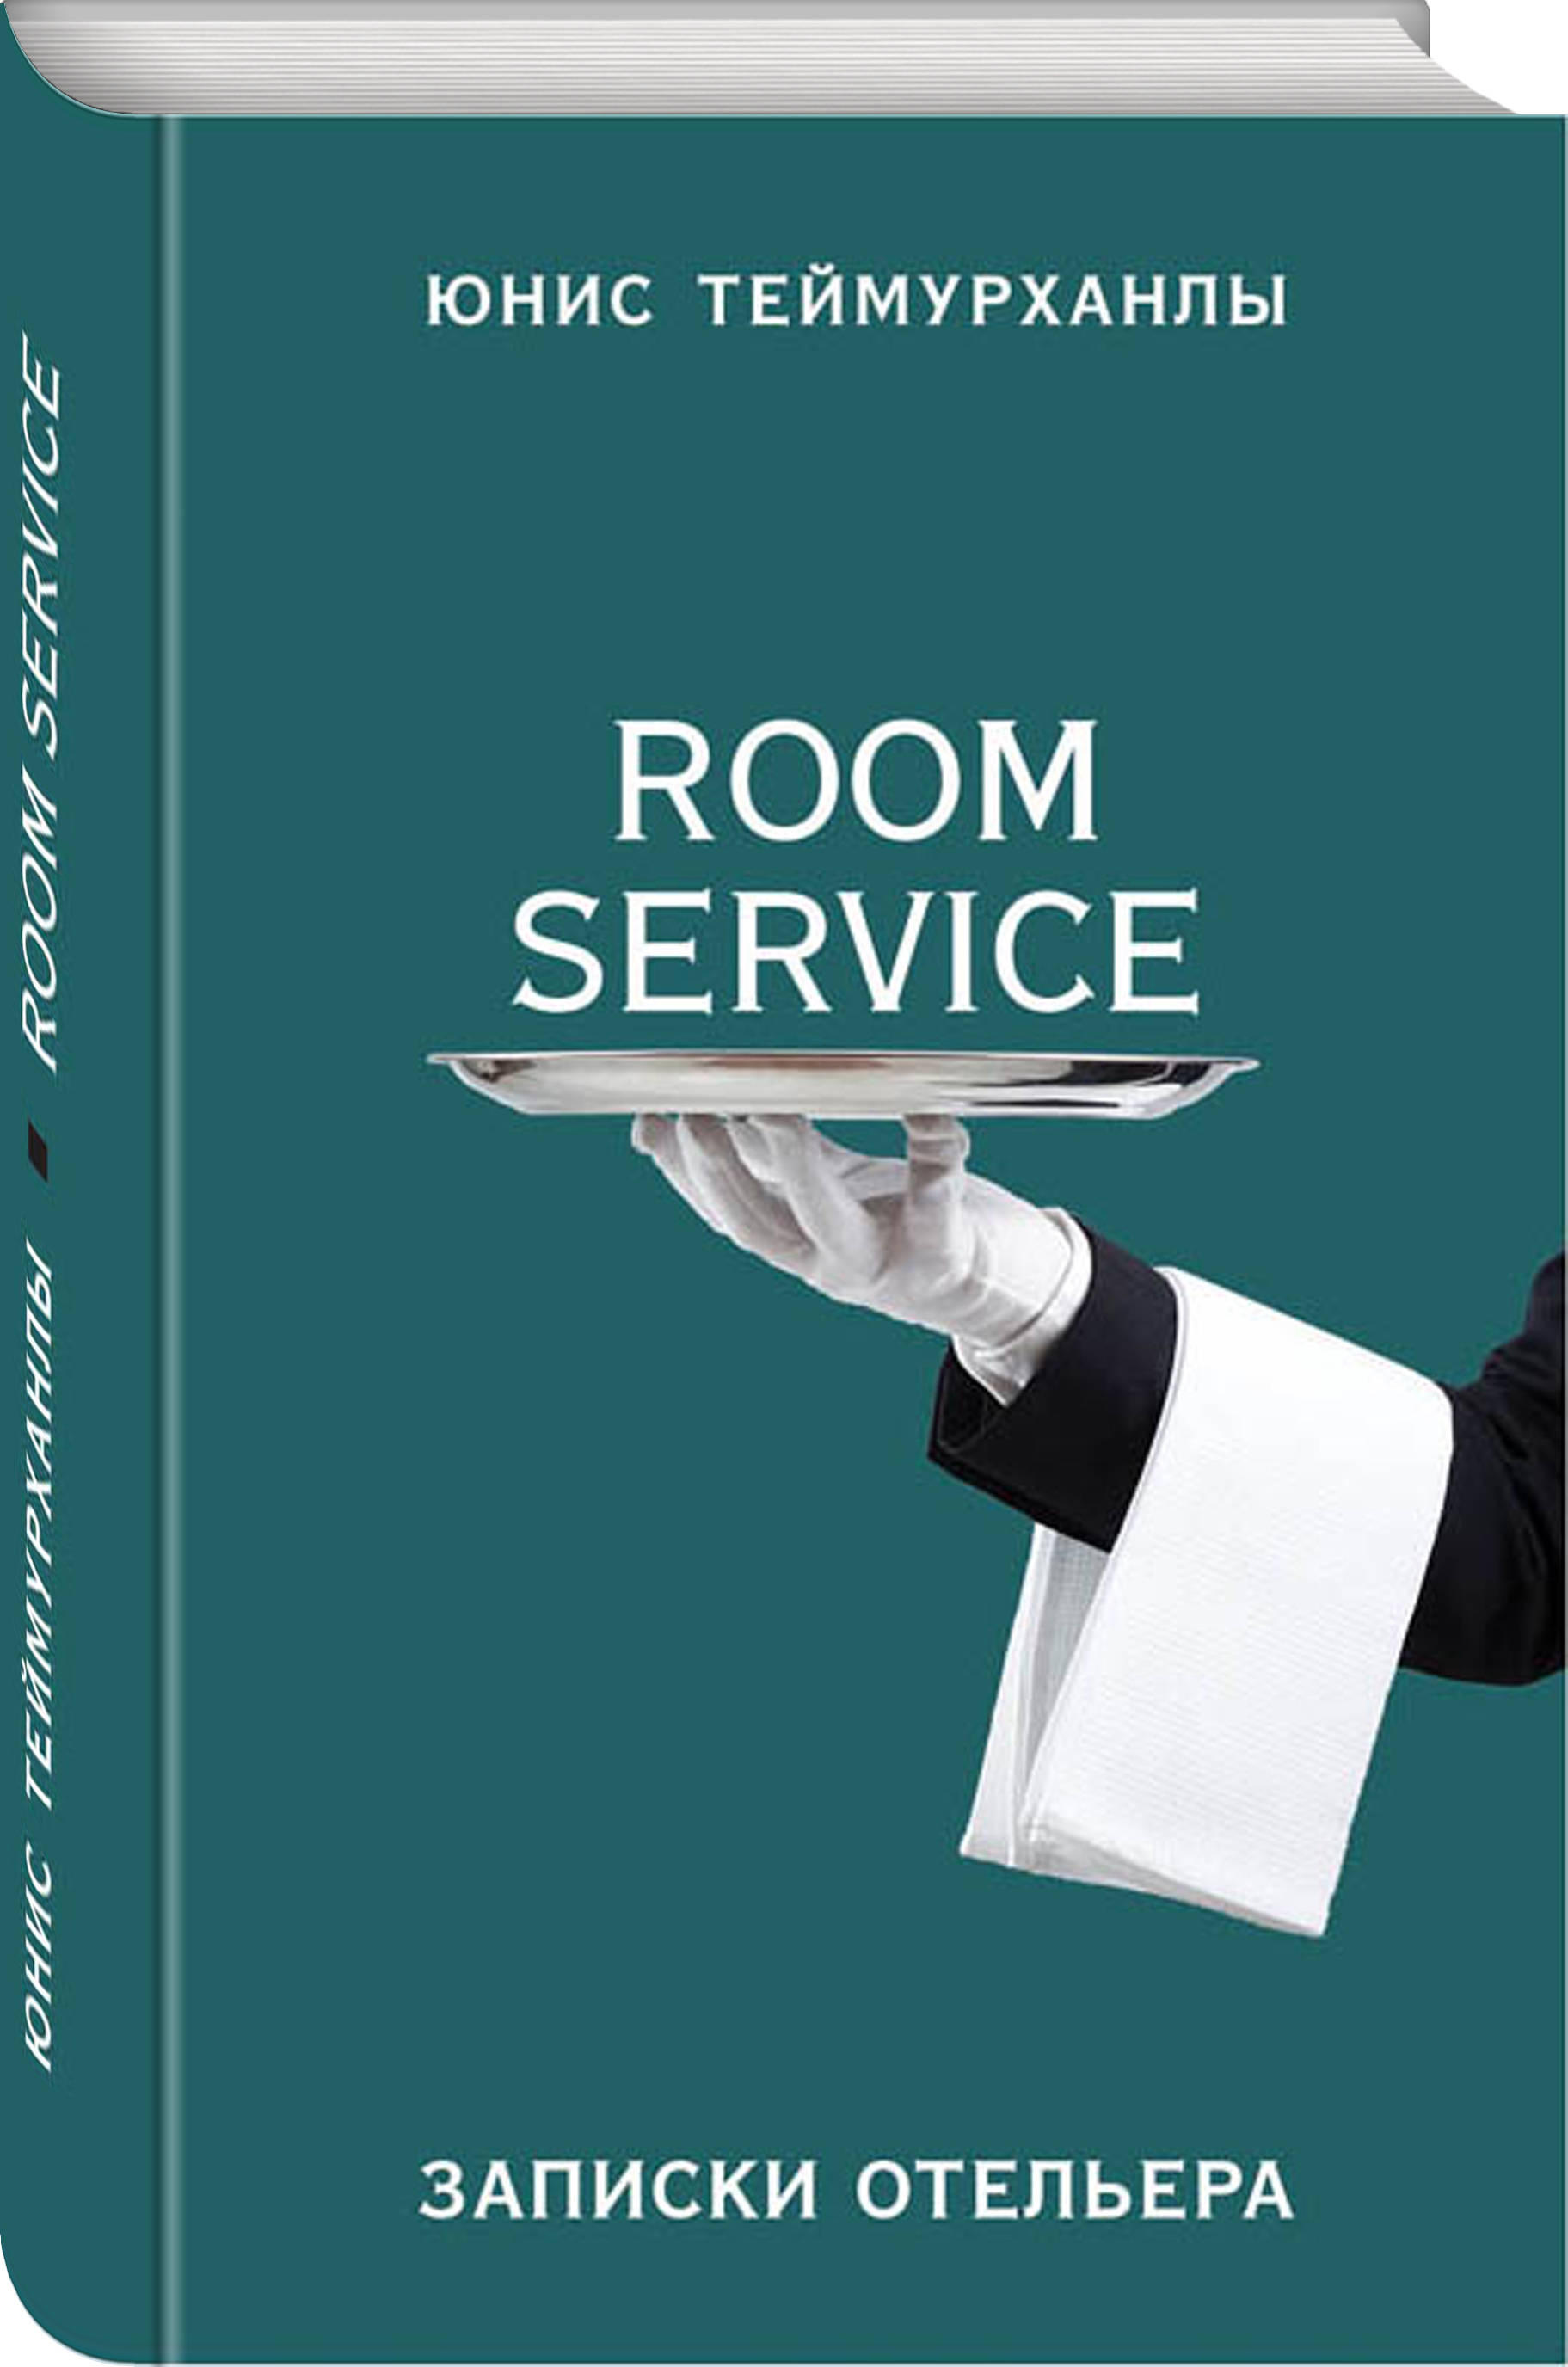 Юнис Теймурханлы «Room service». Записки отельера цена 2017